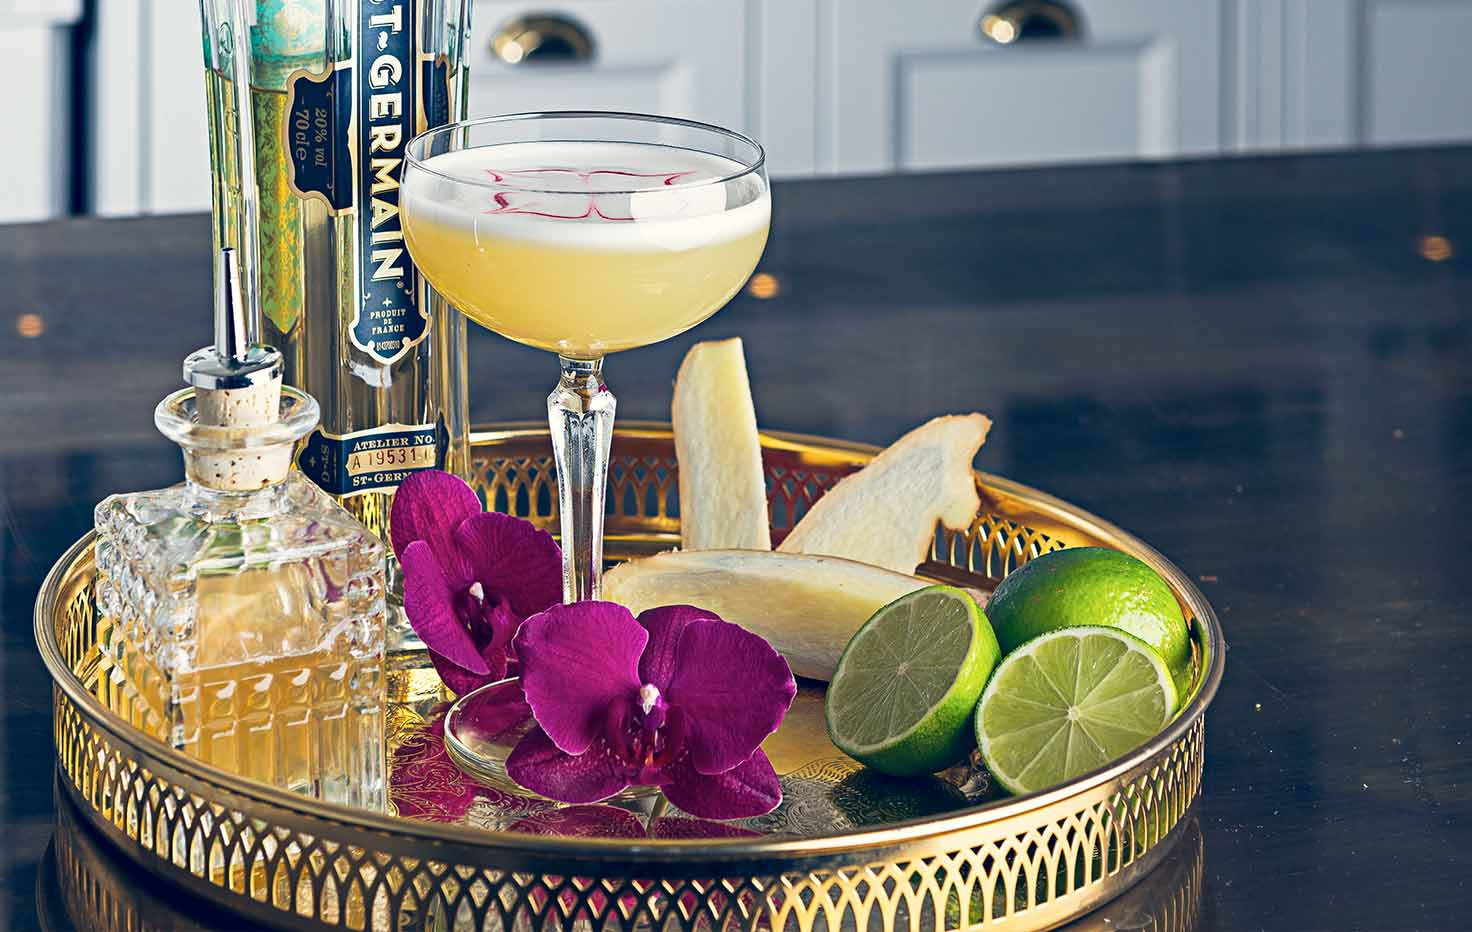 Prova drinkar och andra drycker som konferensaktivitet på Falkenberg Strandbad